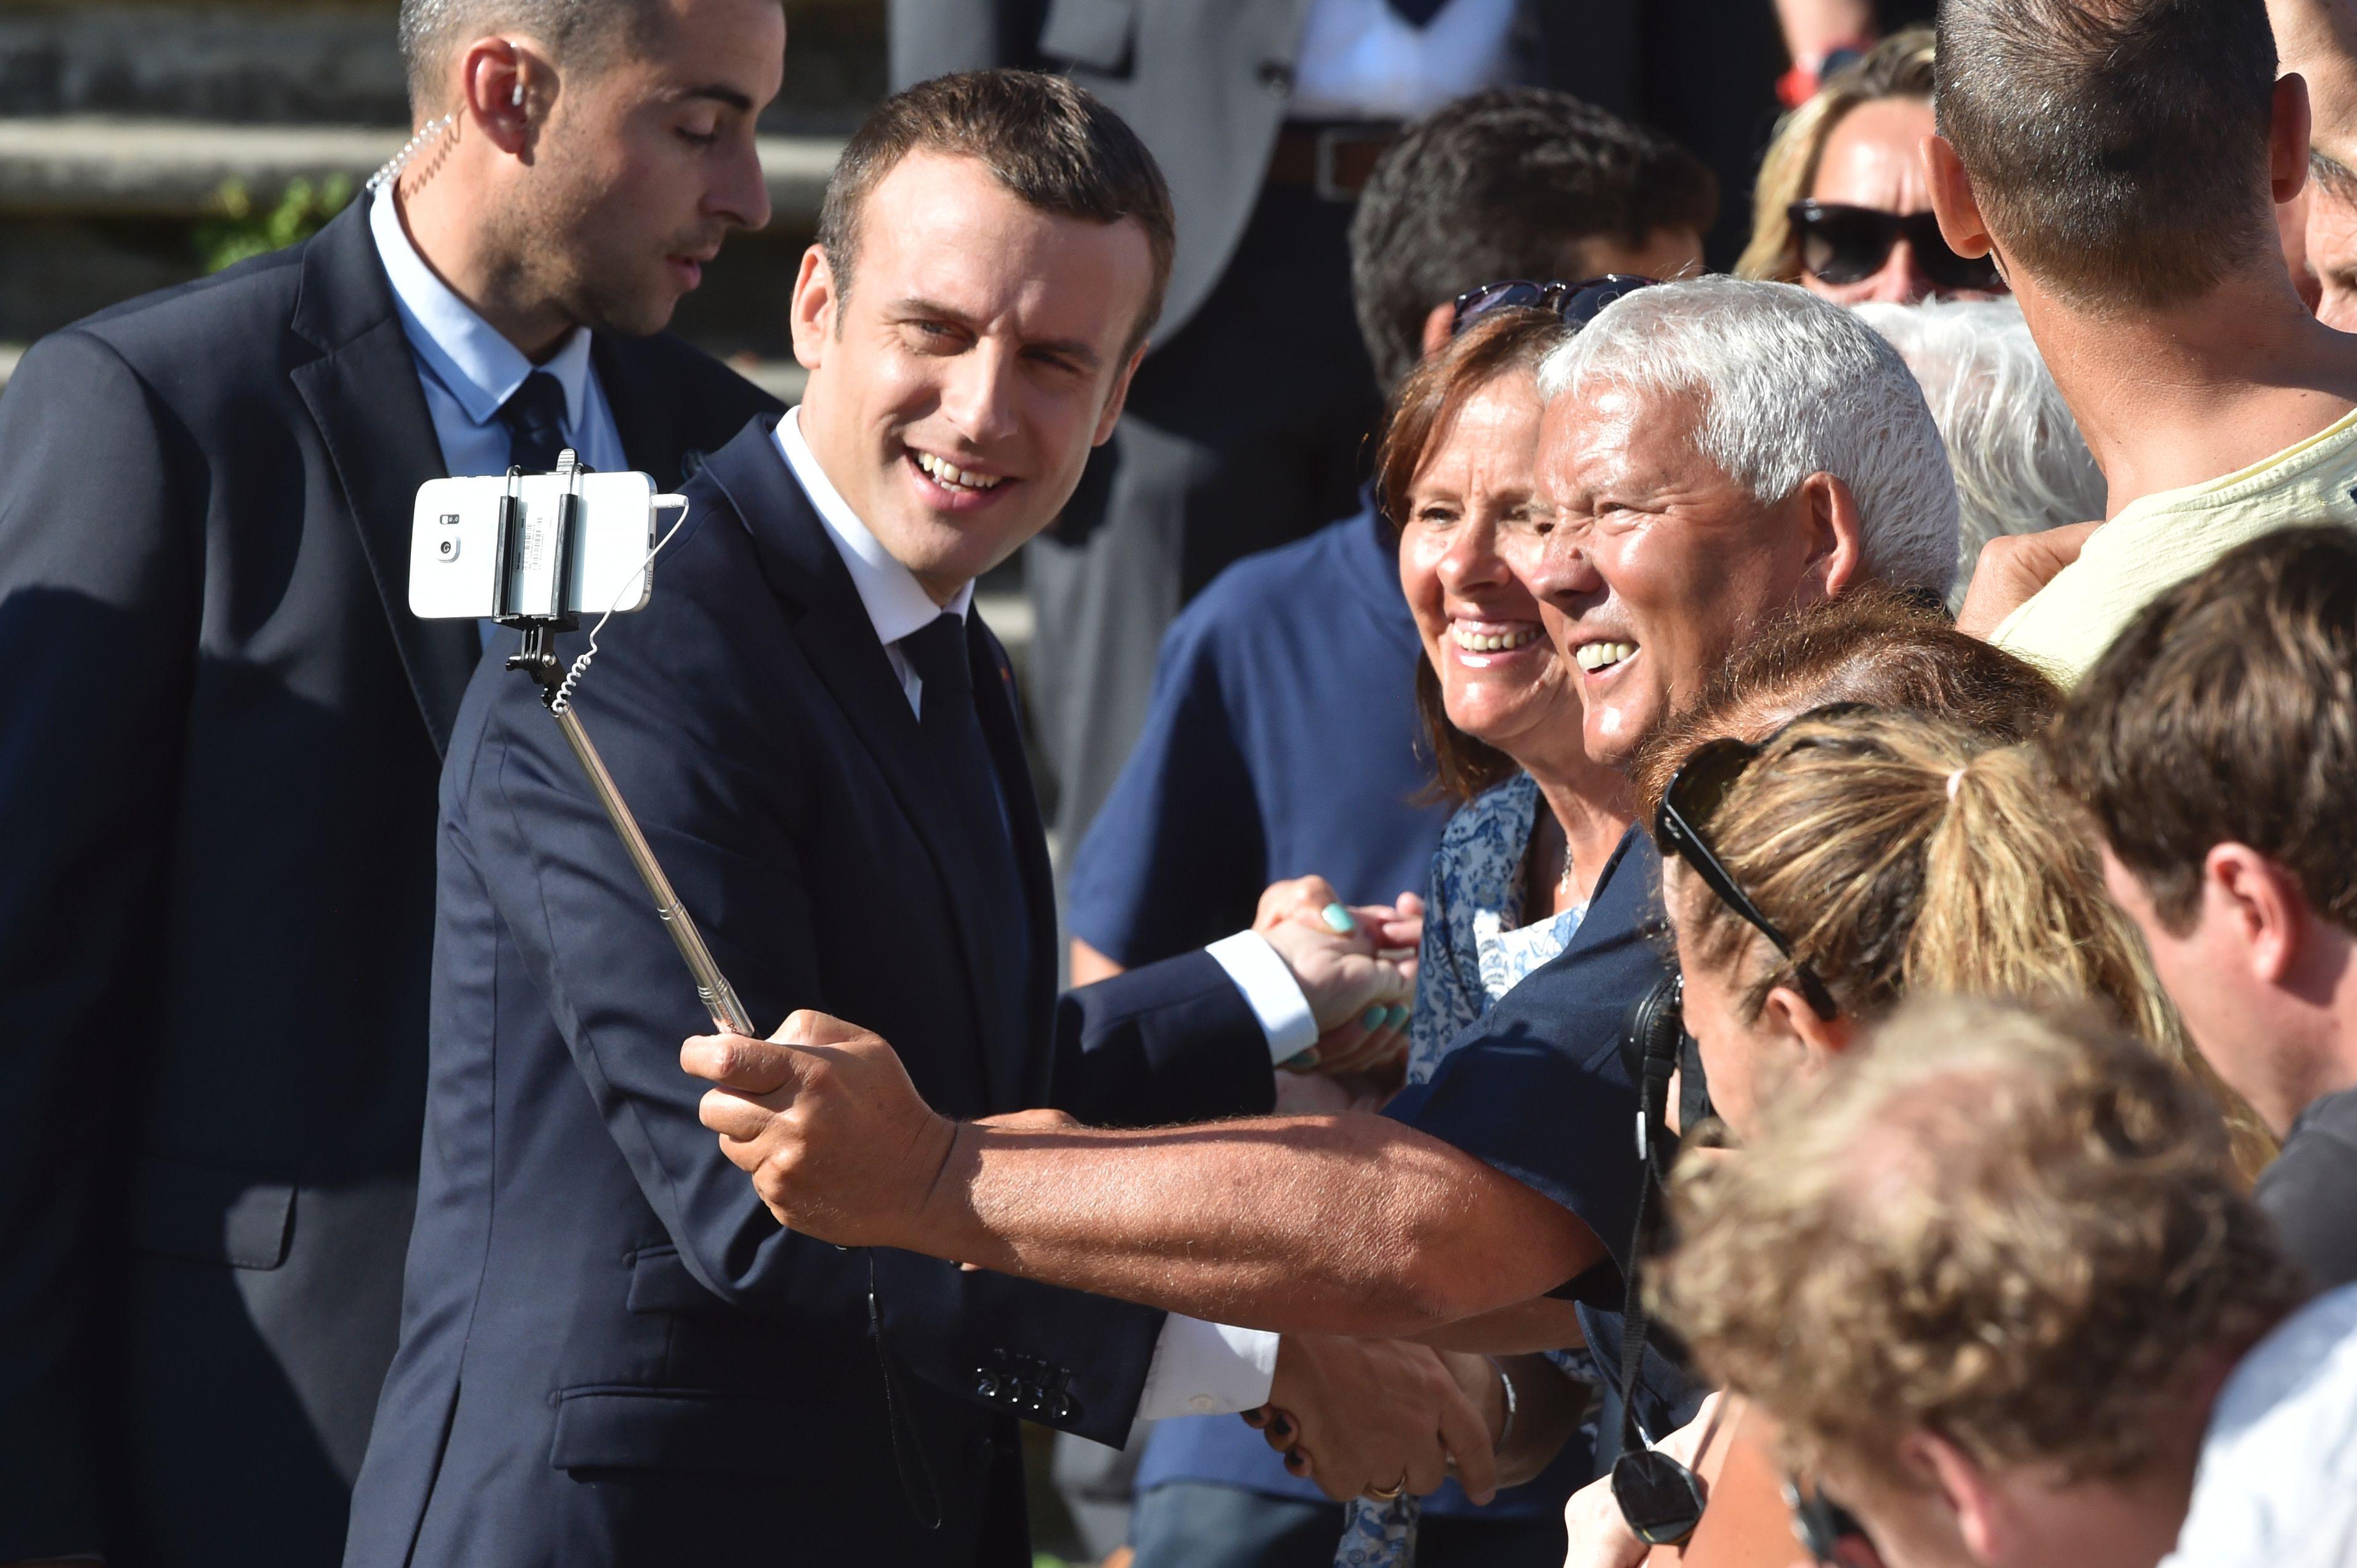 الرئيس الفرنسى يلتقط صورة سيلفى مع أحد الناخبين